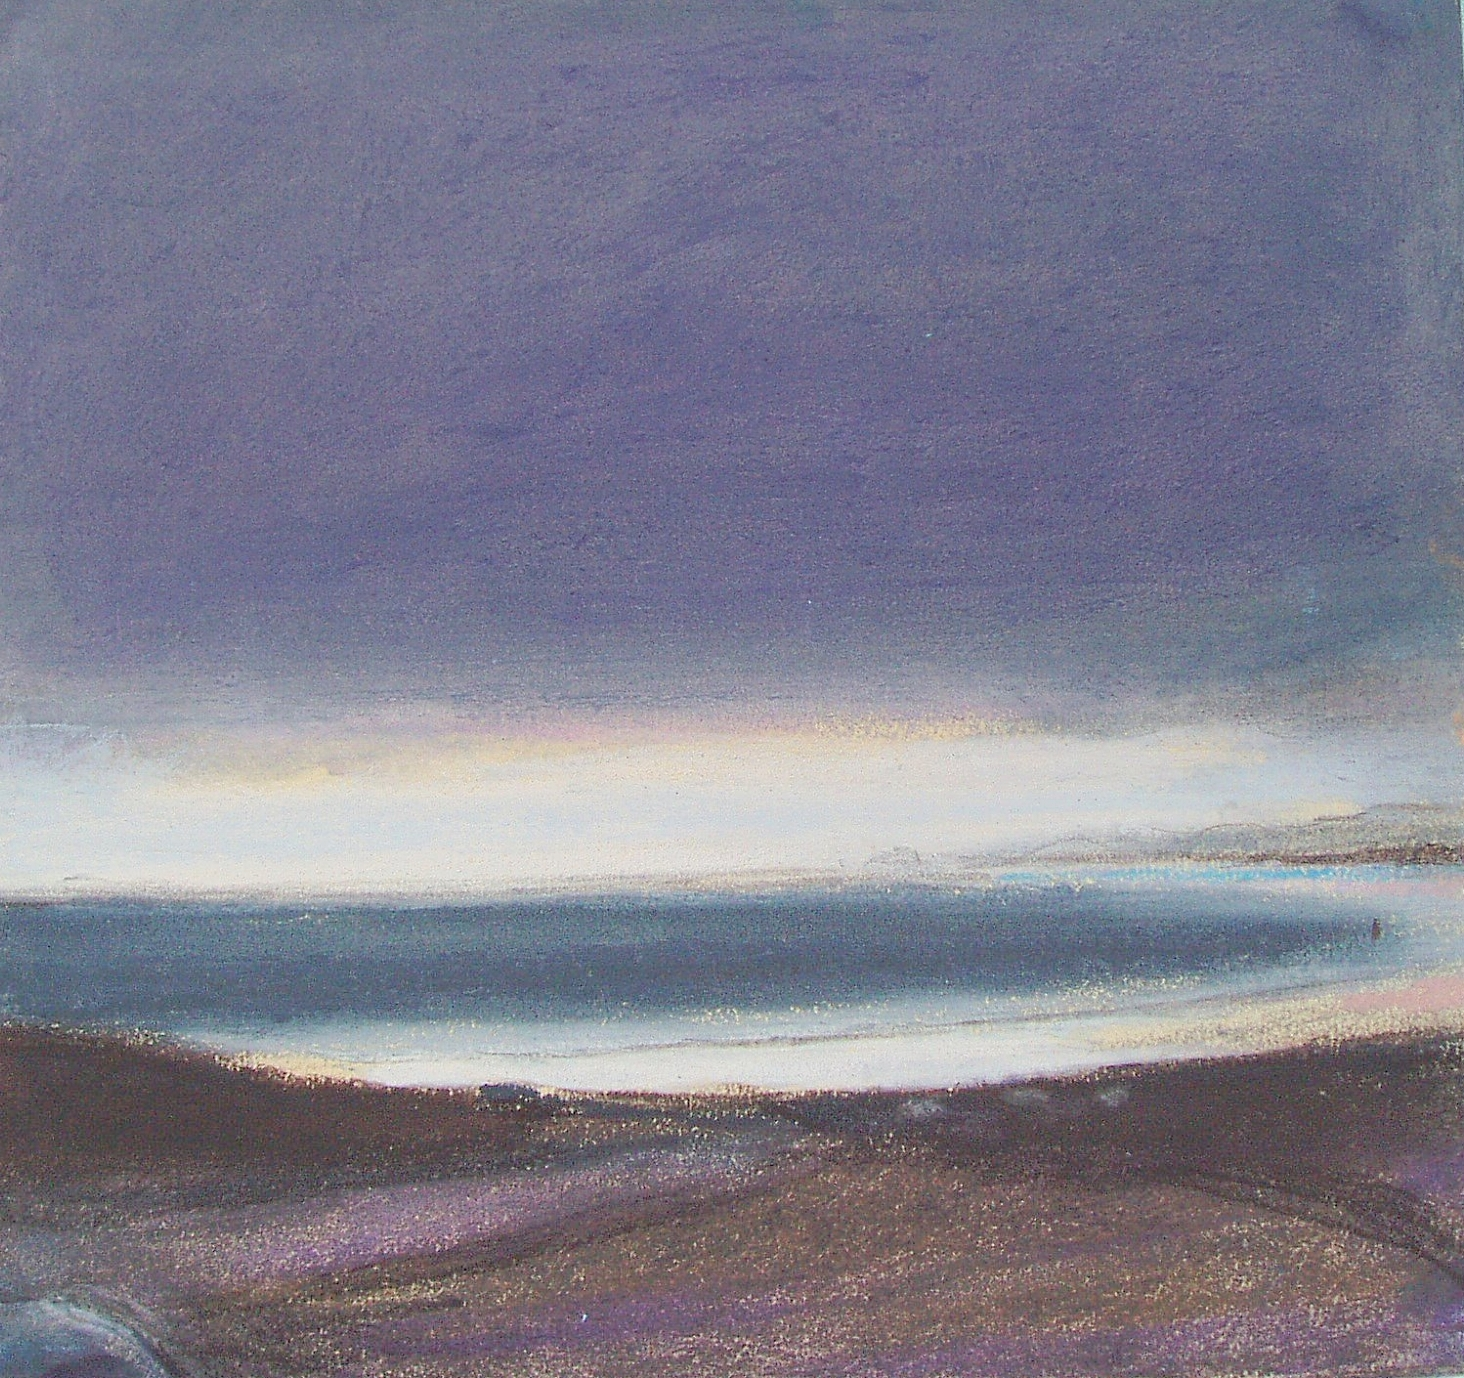 Slate Grey Seascape